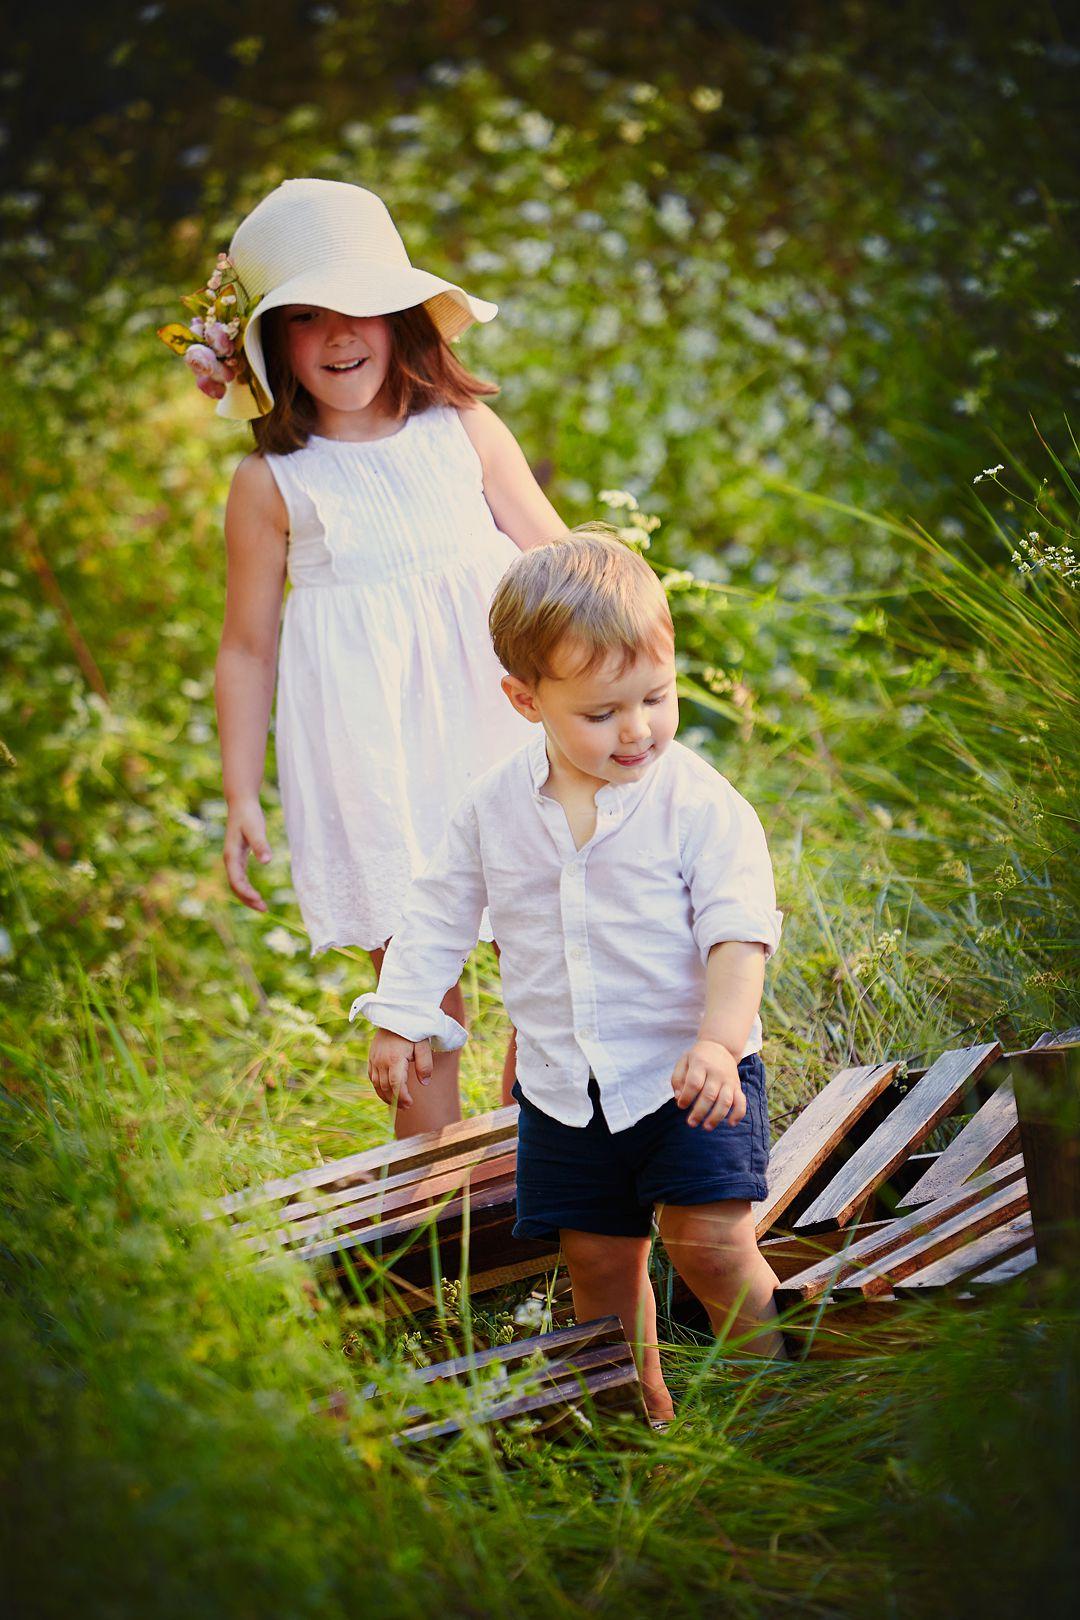 Fotografía-lifestyle-en-exterior-con-niños.